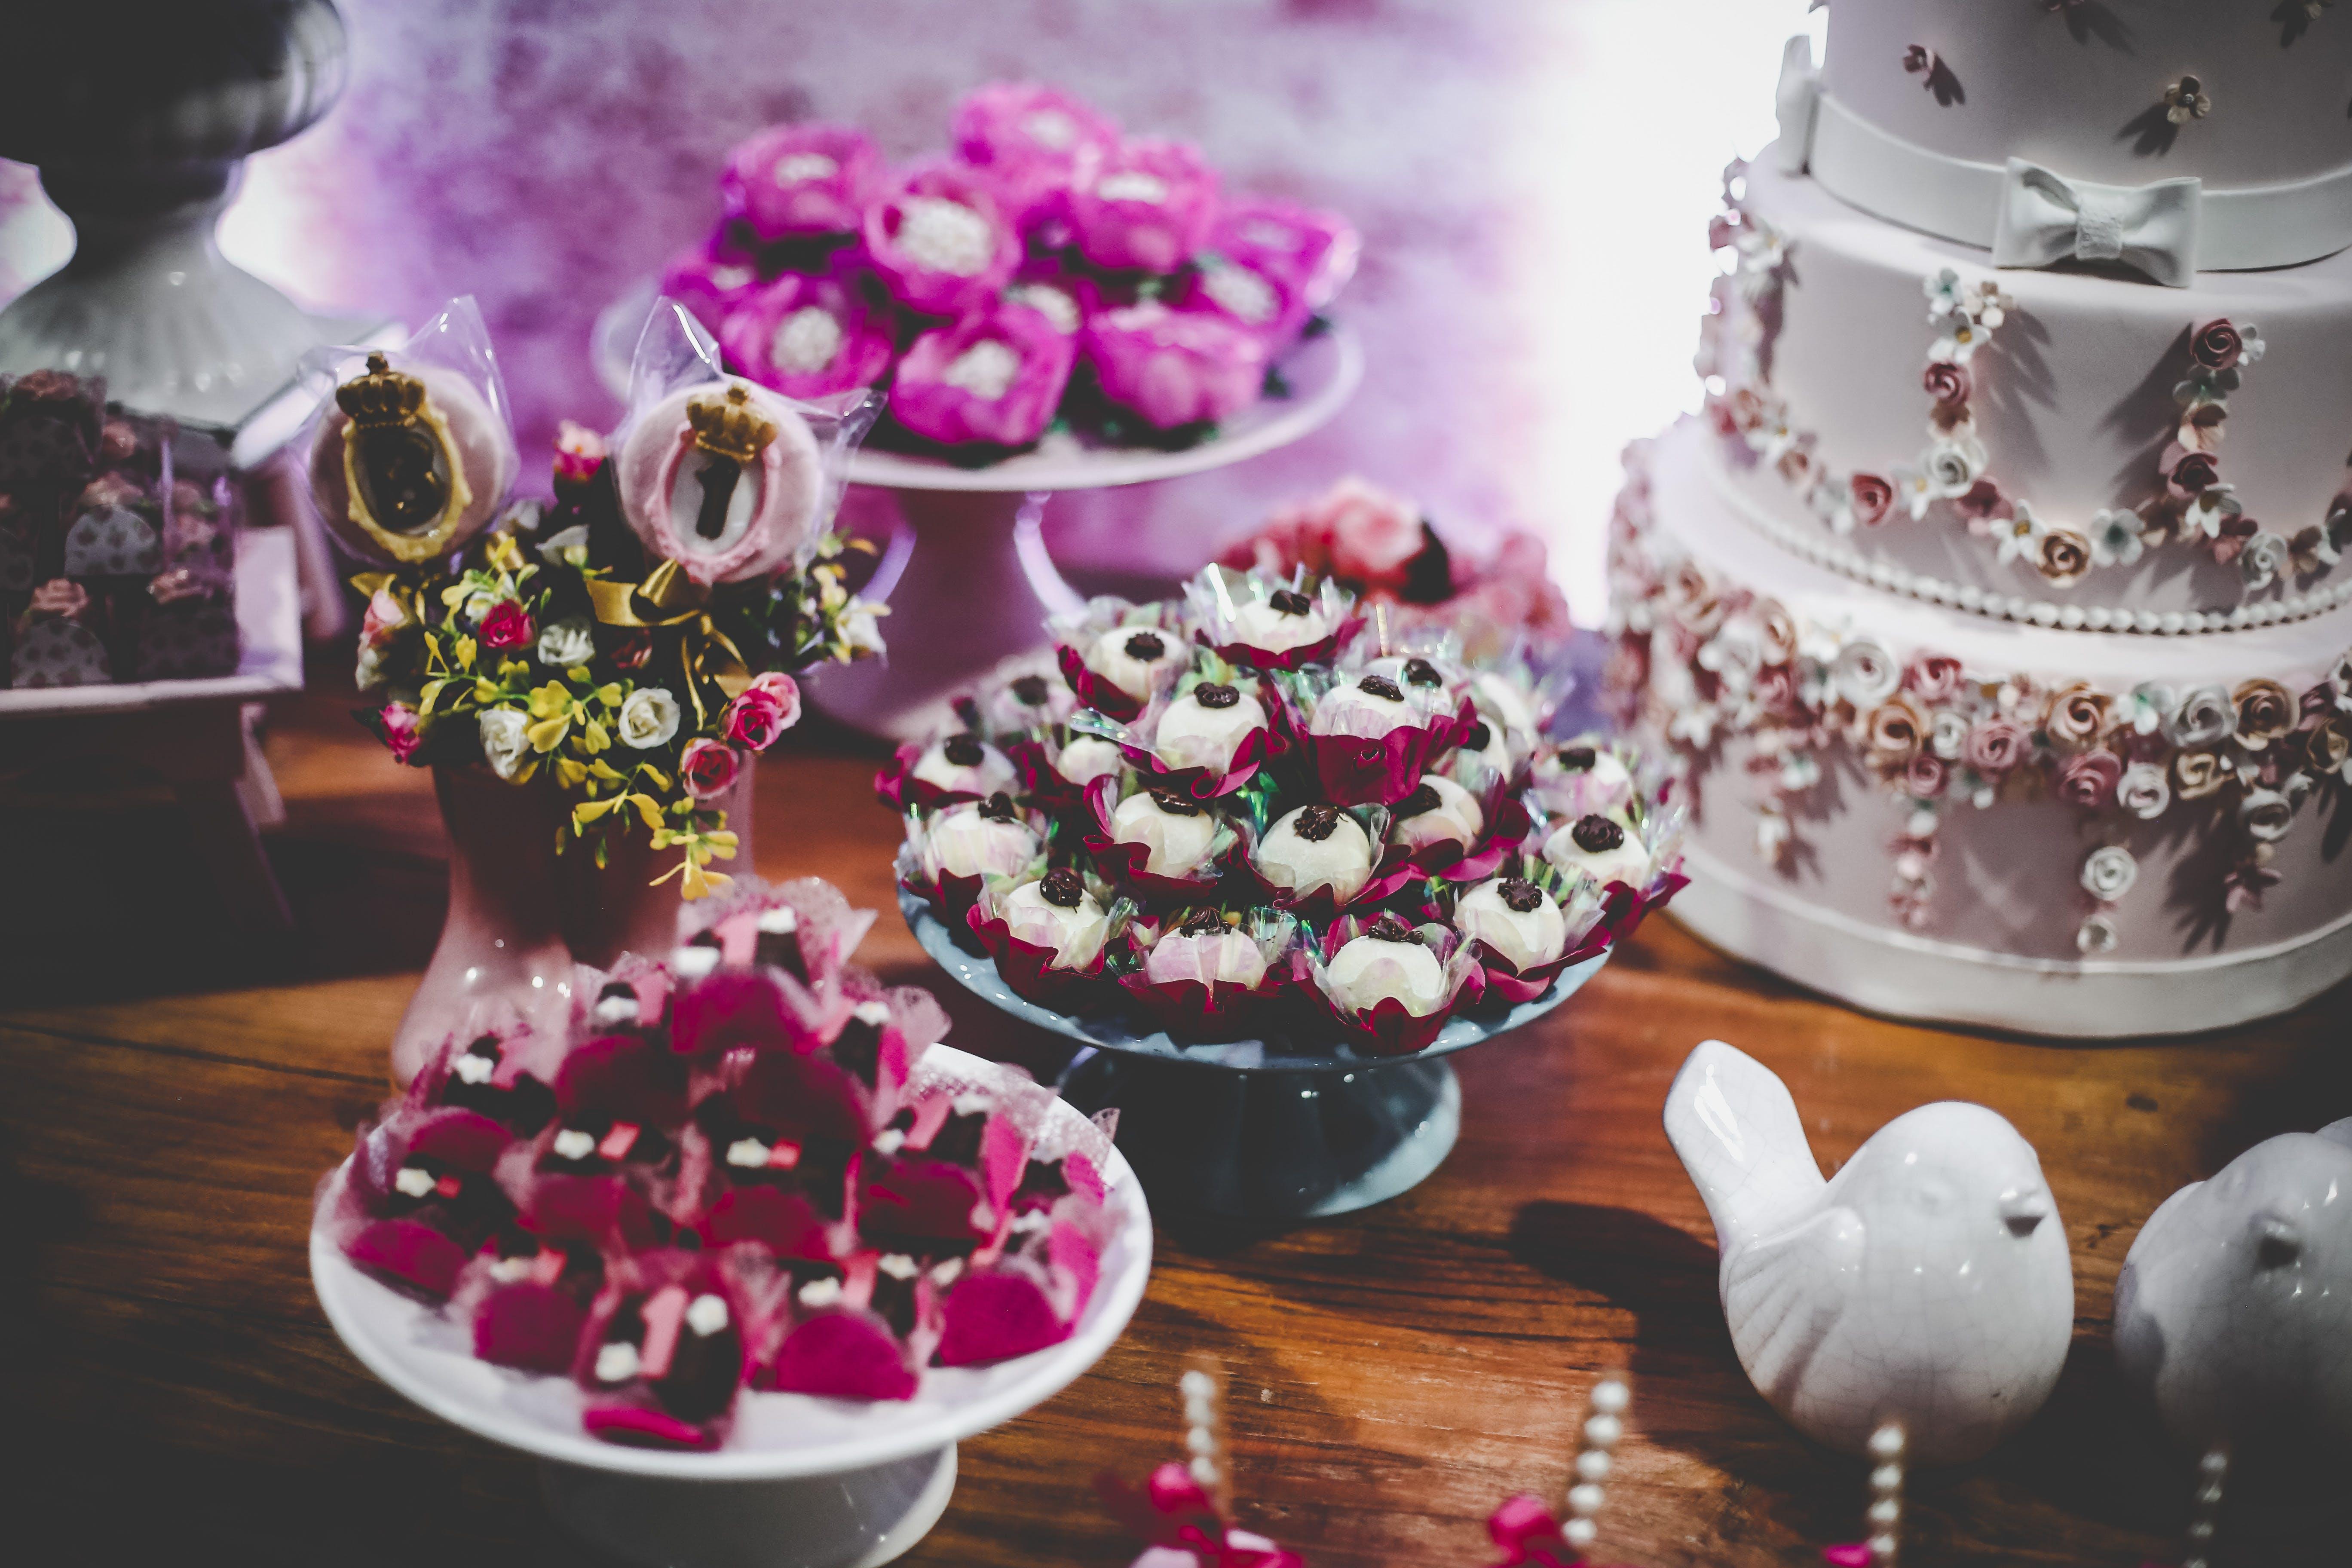 おいしい, お菓子, ケーキ, デザートの無料の写真素材